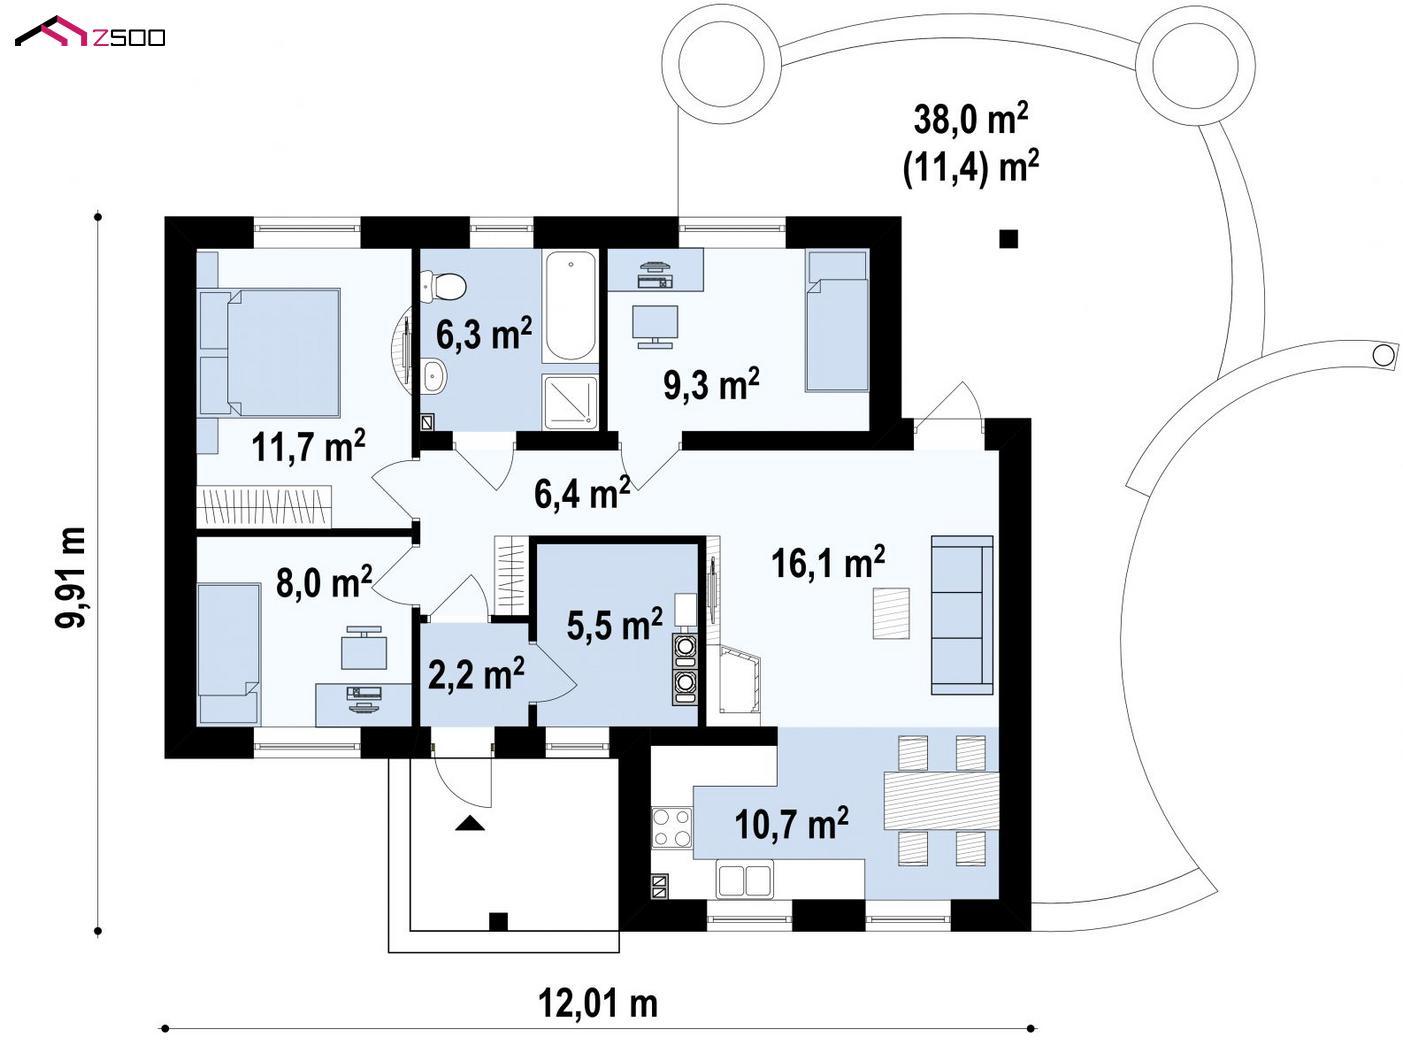 Готовый проект дома  - Небольшой комфортный одноэтажный дом в форме буквы «L» с тремя спальнями.